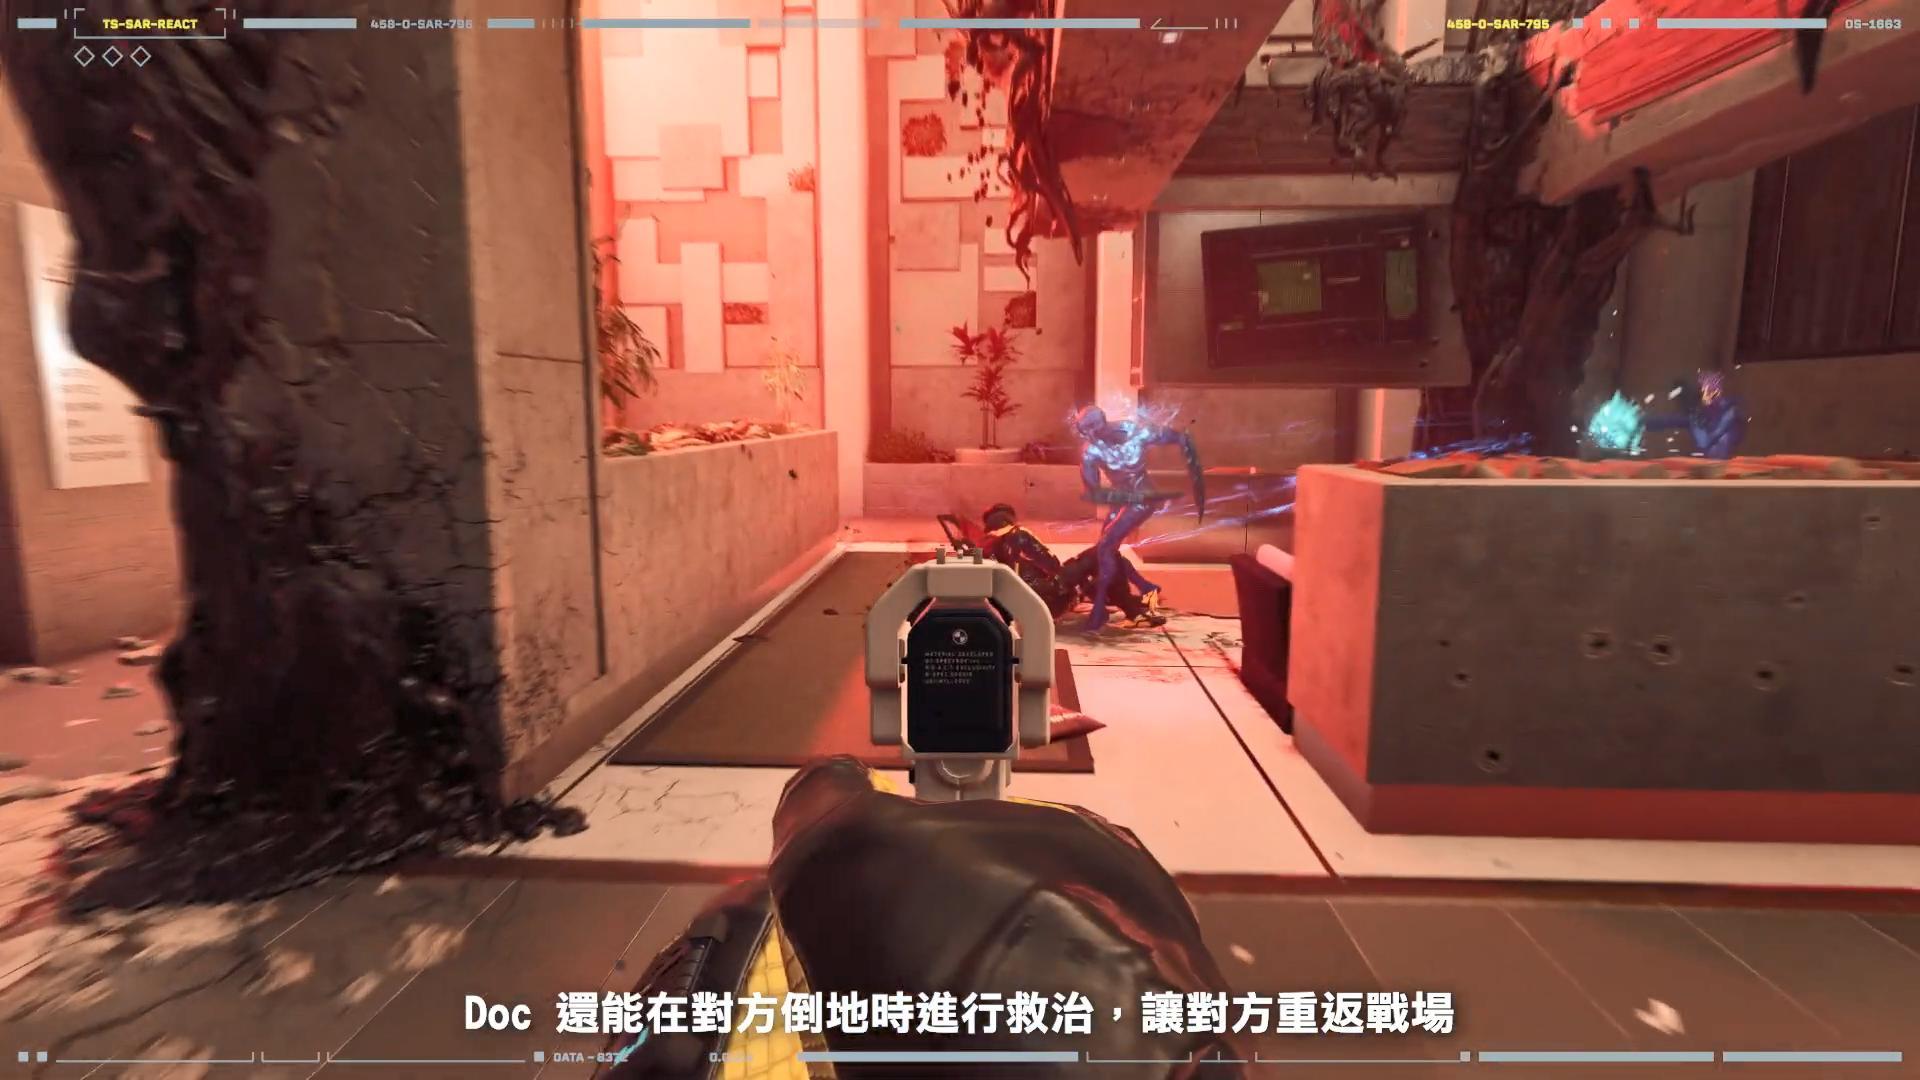 """《虹彩六号:异种》新乾员""""DOC""""介绍 激素手枪强化队友"""